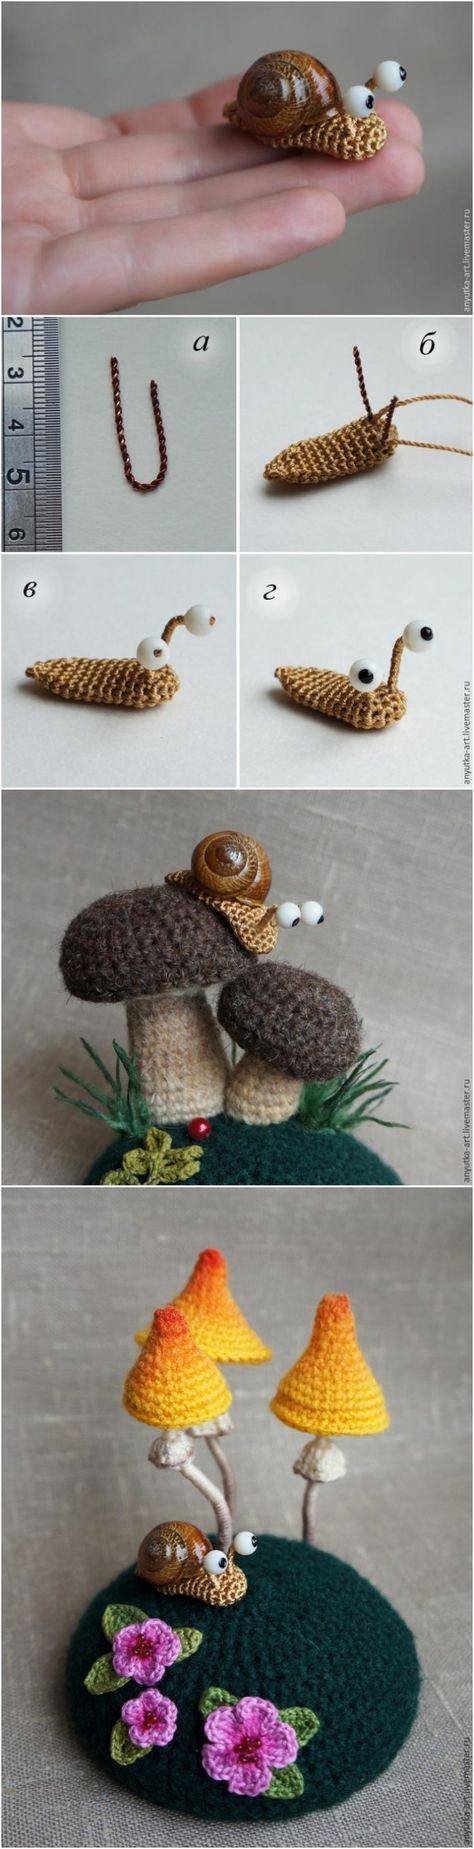 Ravelry: Snails pattern by Smeddley | 1849x474